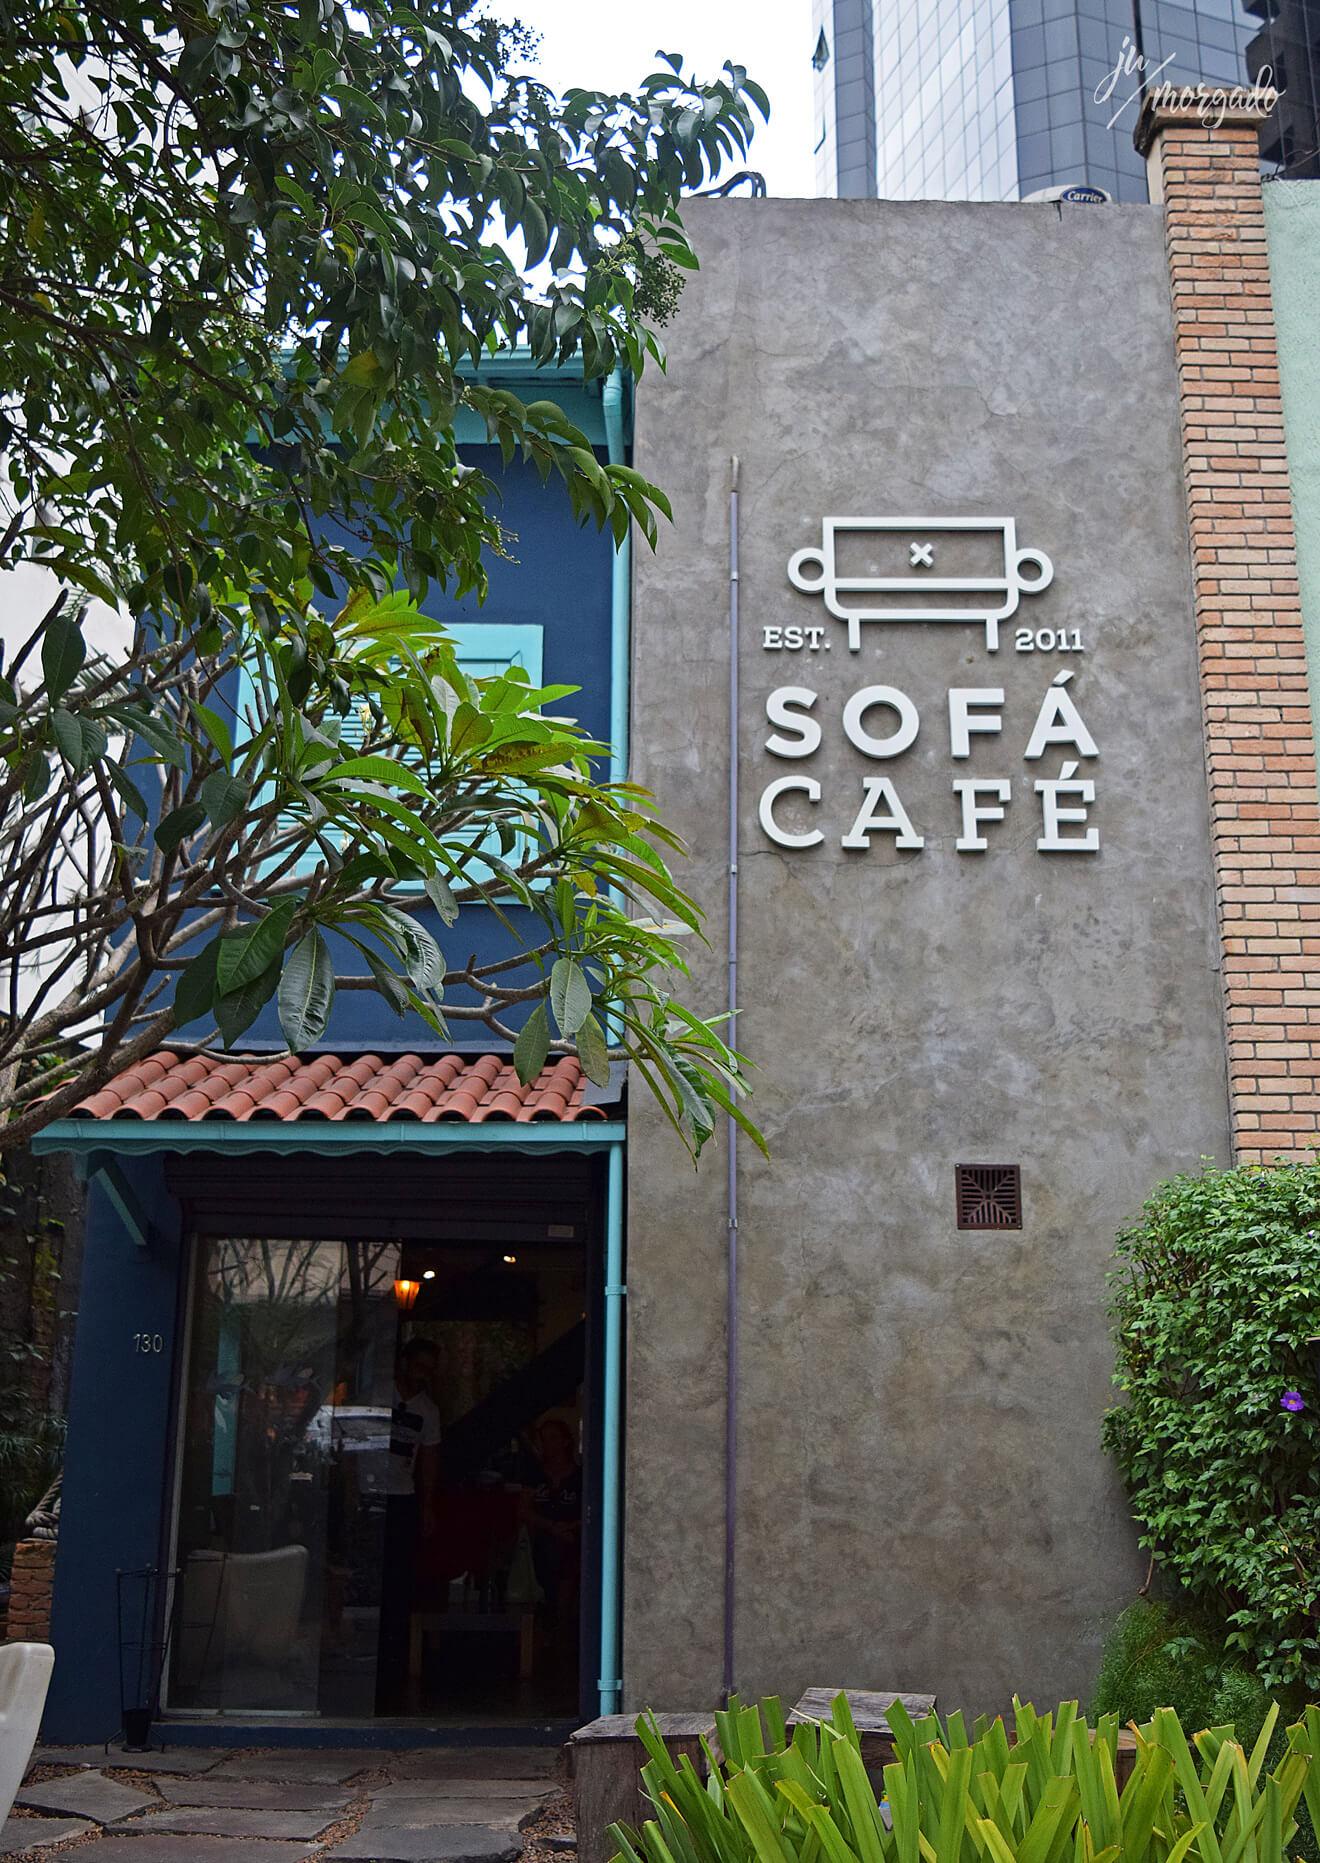 Entrada e fachada do Sofá Café em São paulo.